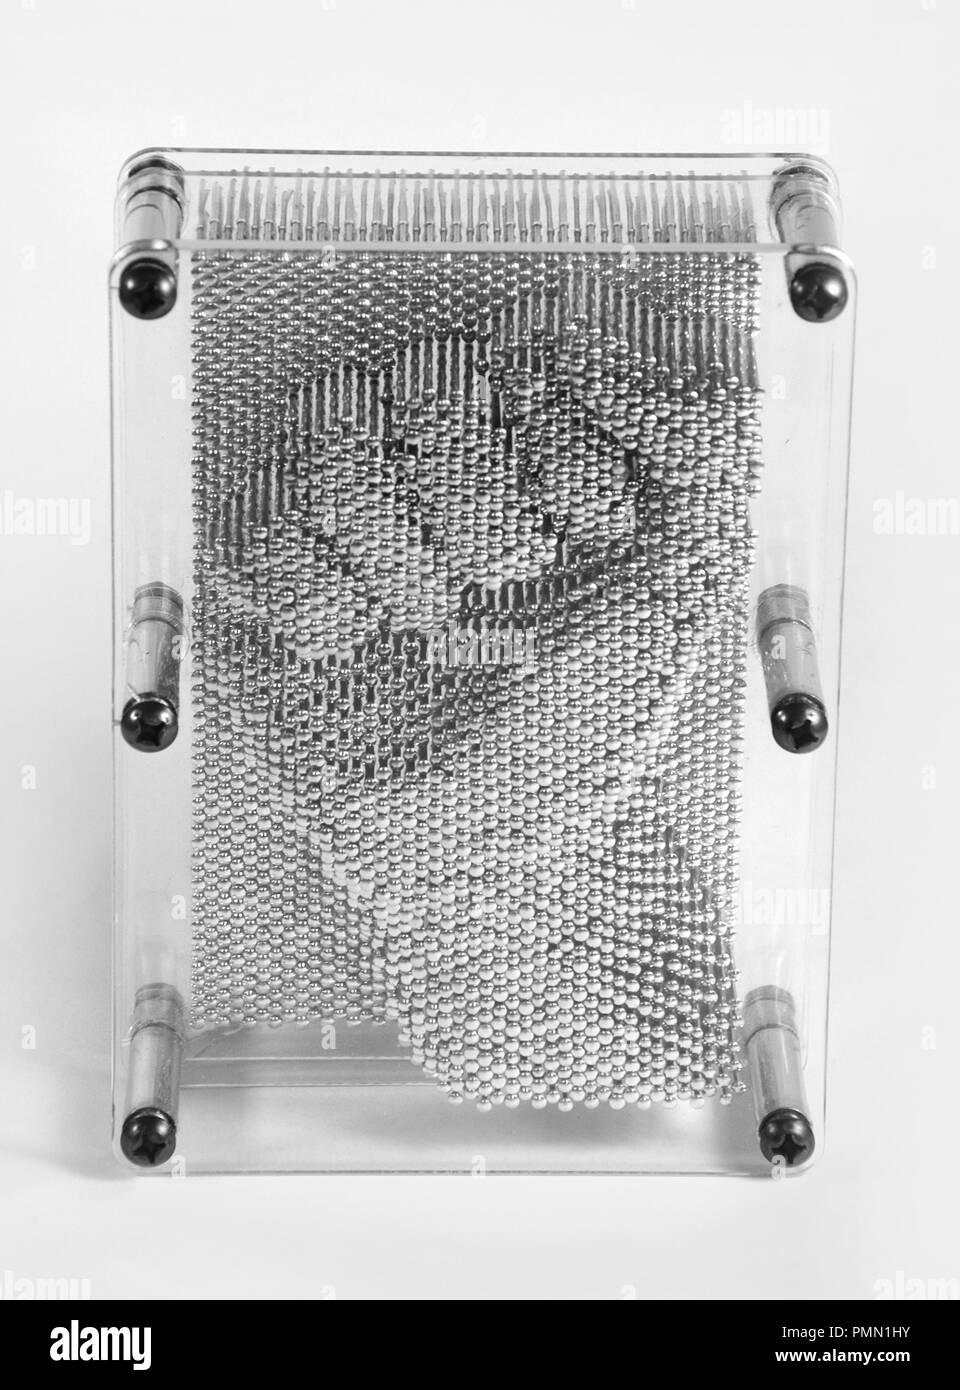 Pin-kunst Modell der geballten Faust. Stockbild